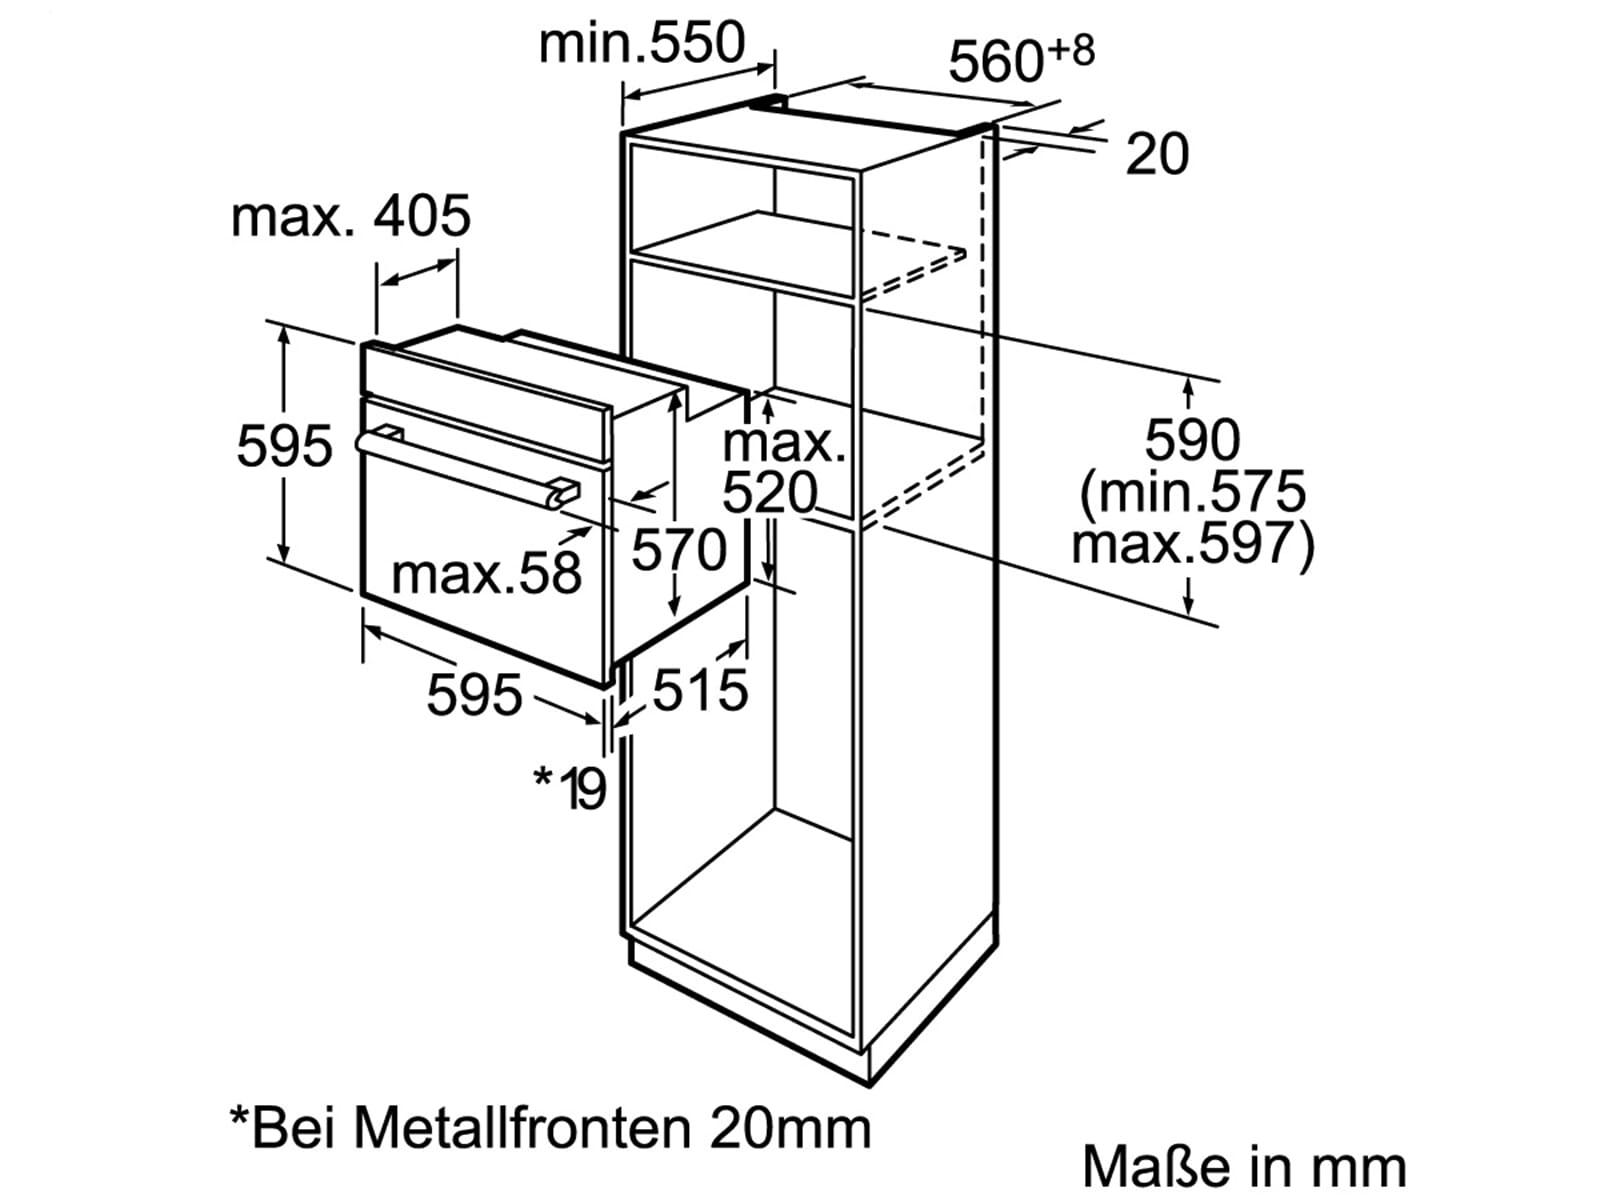 siemens hb74ab550 pyrolyse backofen edelstahl. Black Bedroom Furniture Sets. Home Design Ideas